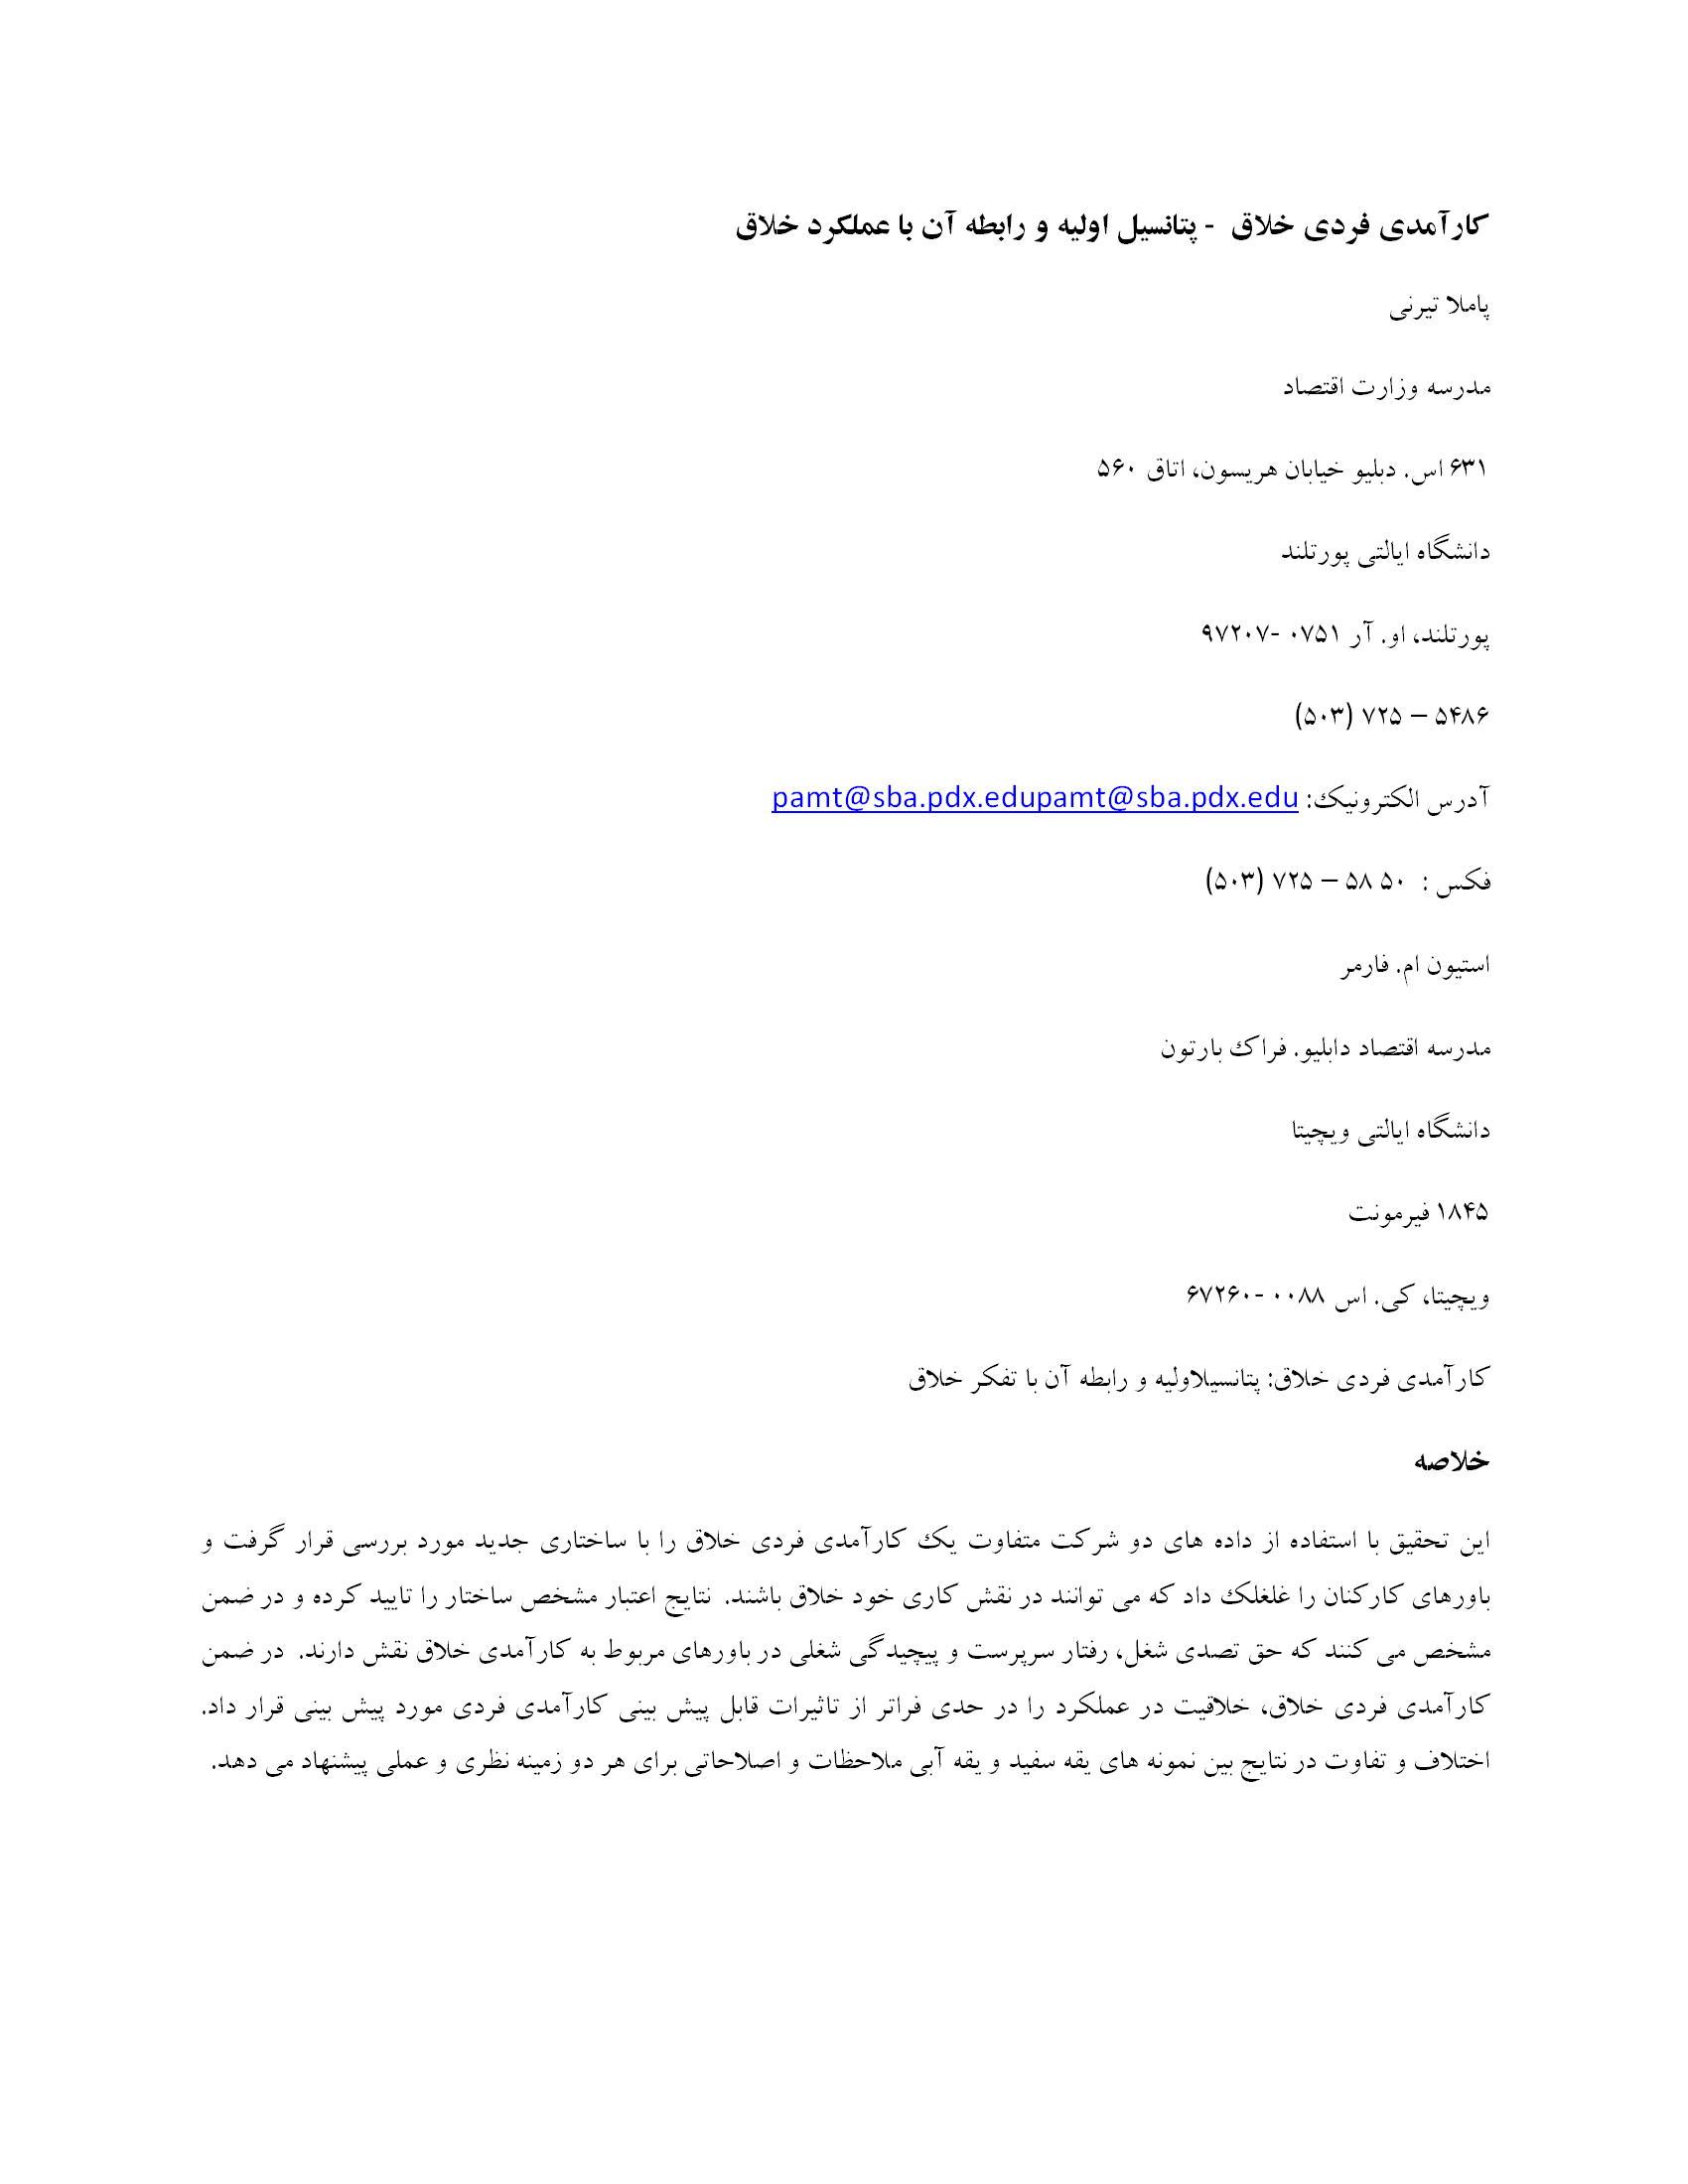 ترجمه مقاله و تحقیق - کارآمدی فردی خلاق -  پتانسیل اولیه و رابطه آن با عملکرد خلاق 21